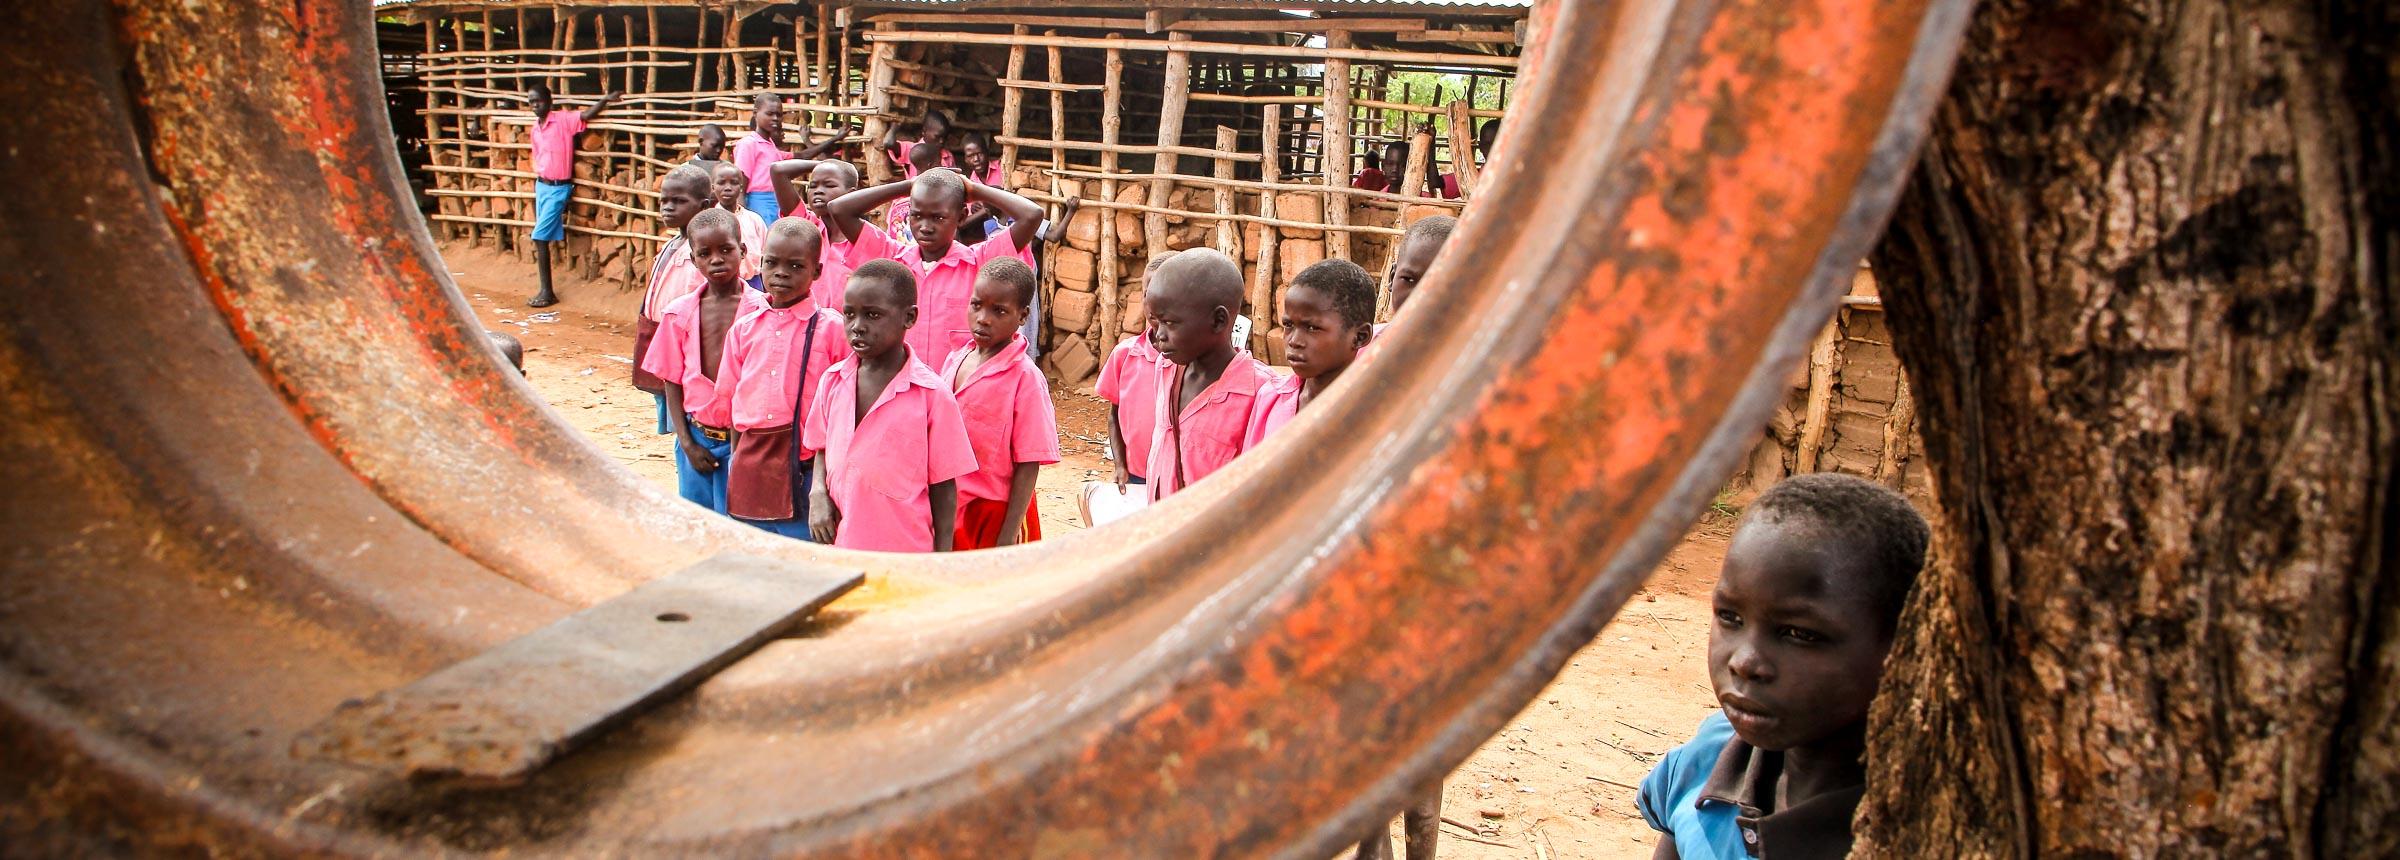 School kids in South Sudan